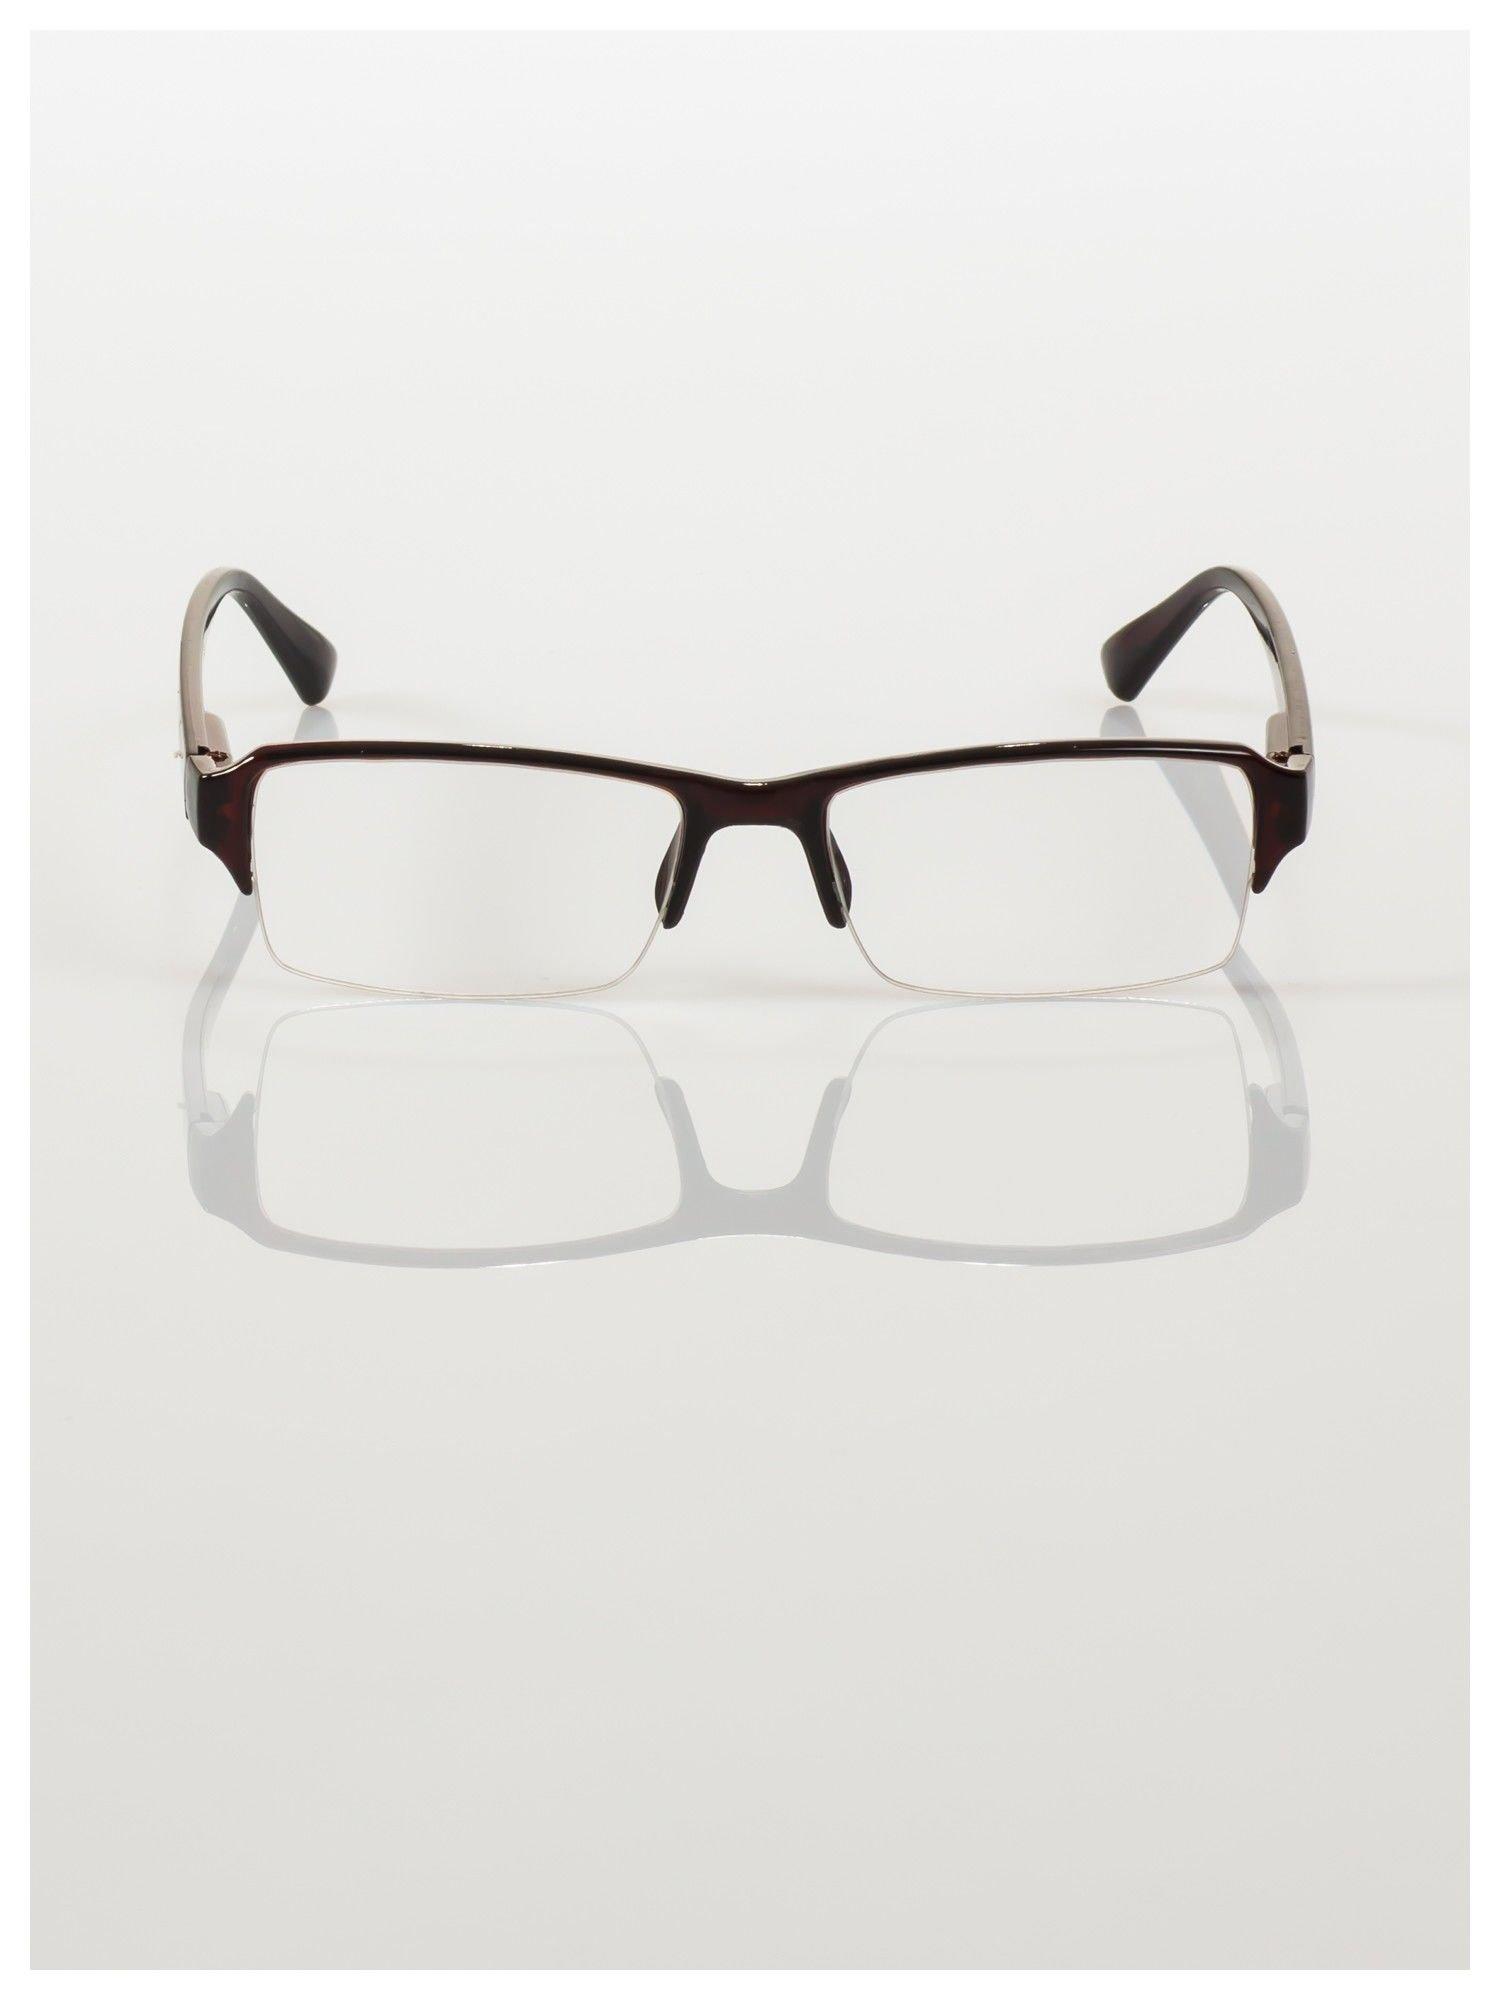 Okulary korekcyjne +1.5 D do czytania z systemem FLEX na zausznikach +GRATIS PLASTIKOWE ETUI I ŚCIERECZKA Z MIKROFIBRY                                  zdj.                                  3